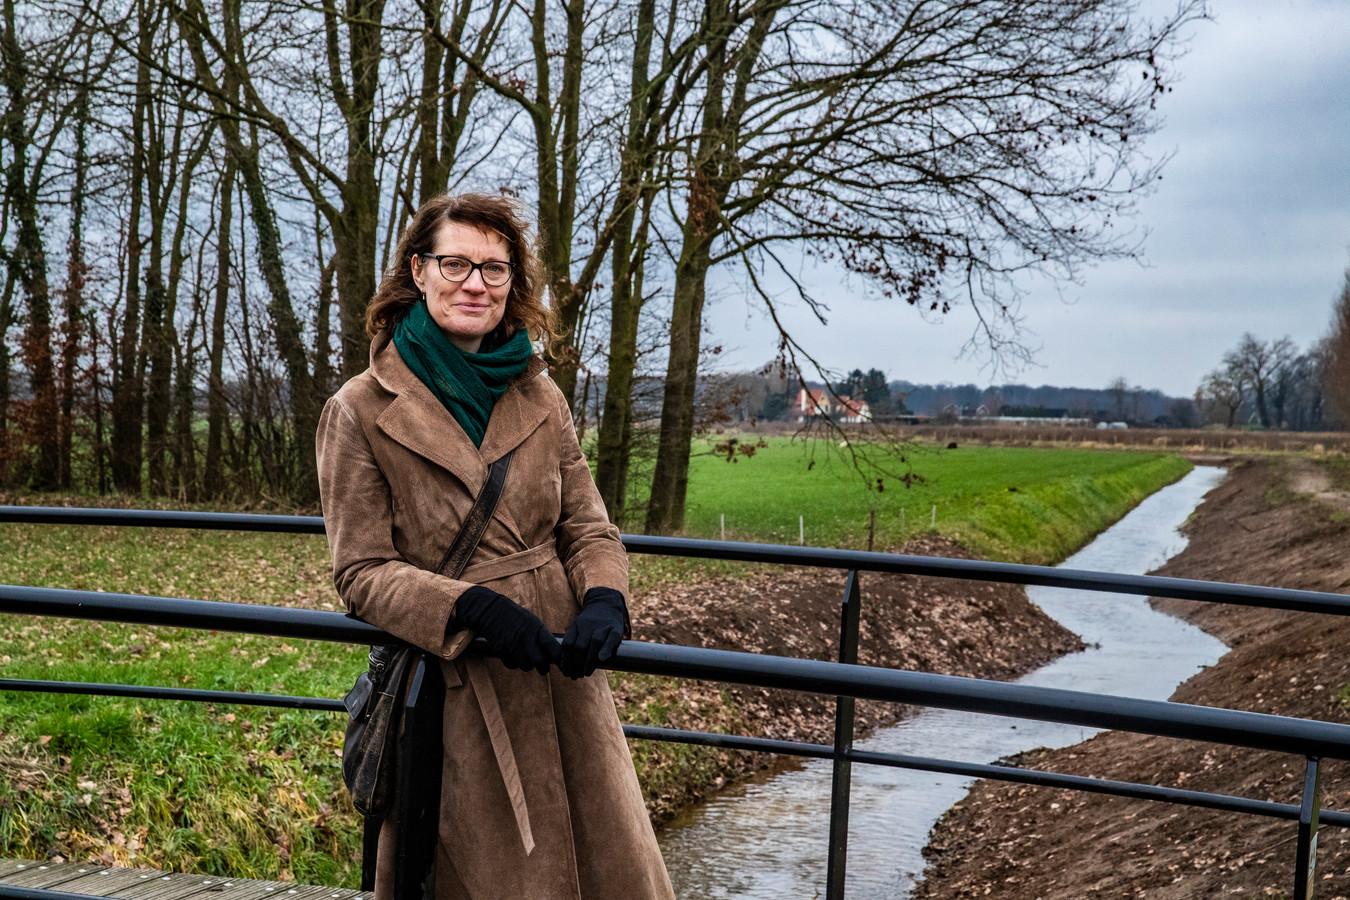 Merel Arink gaf in januari aan dat ze bezwaar ging maken tegen de plannen voor een fietspad langs de Fliert.